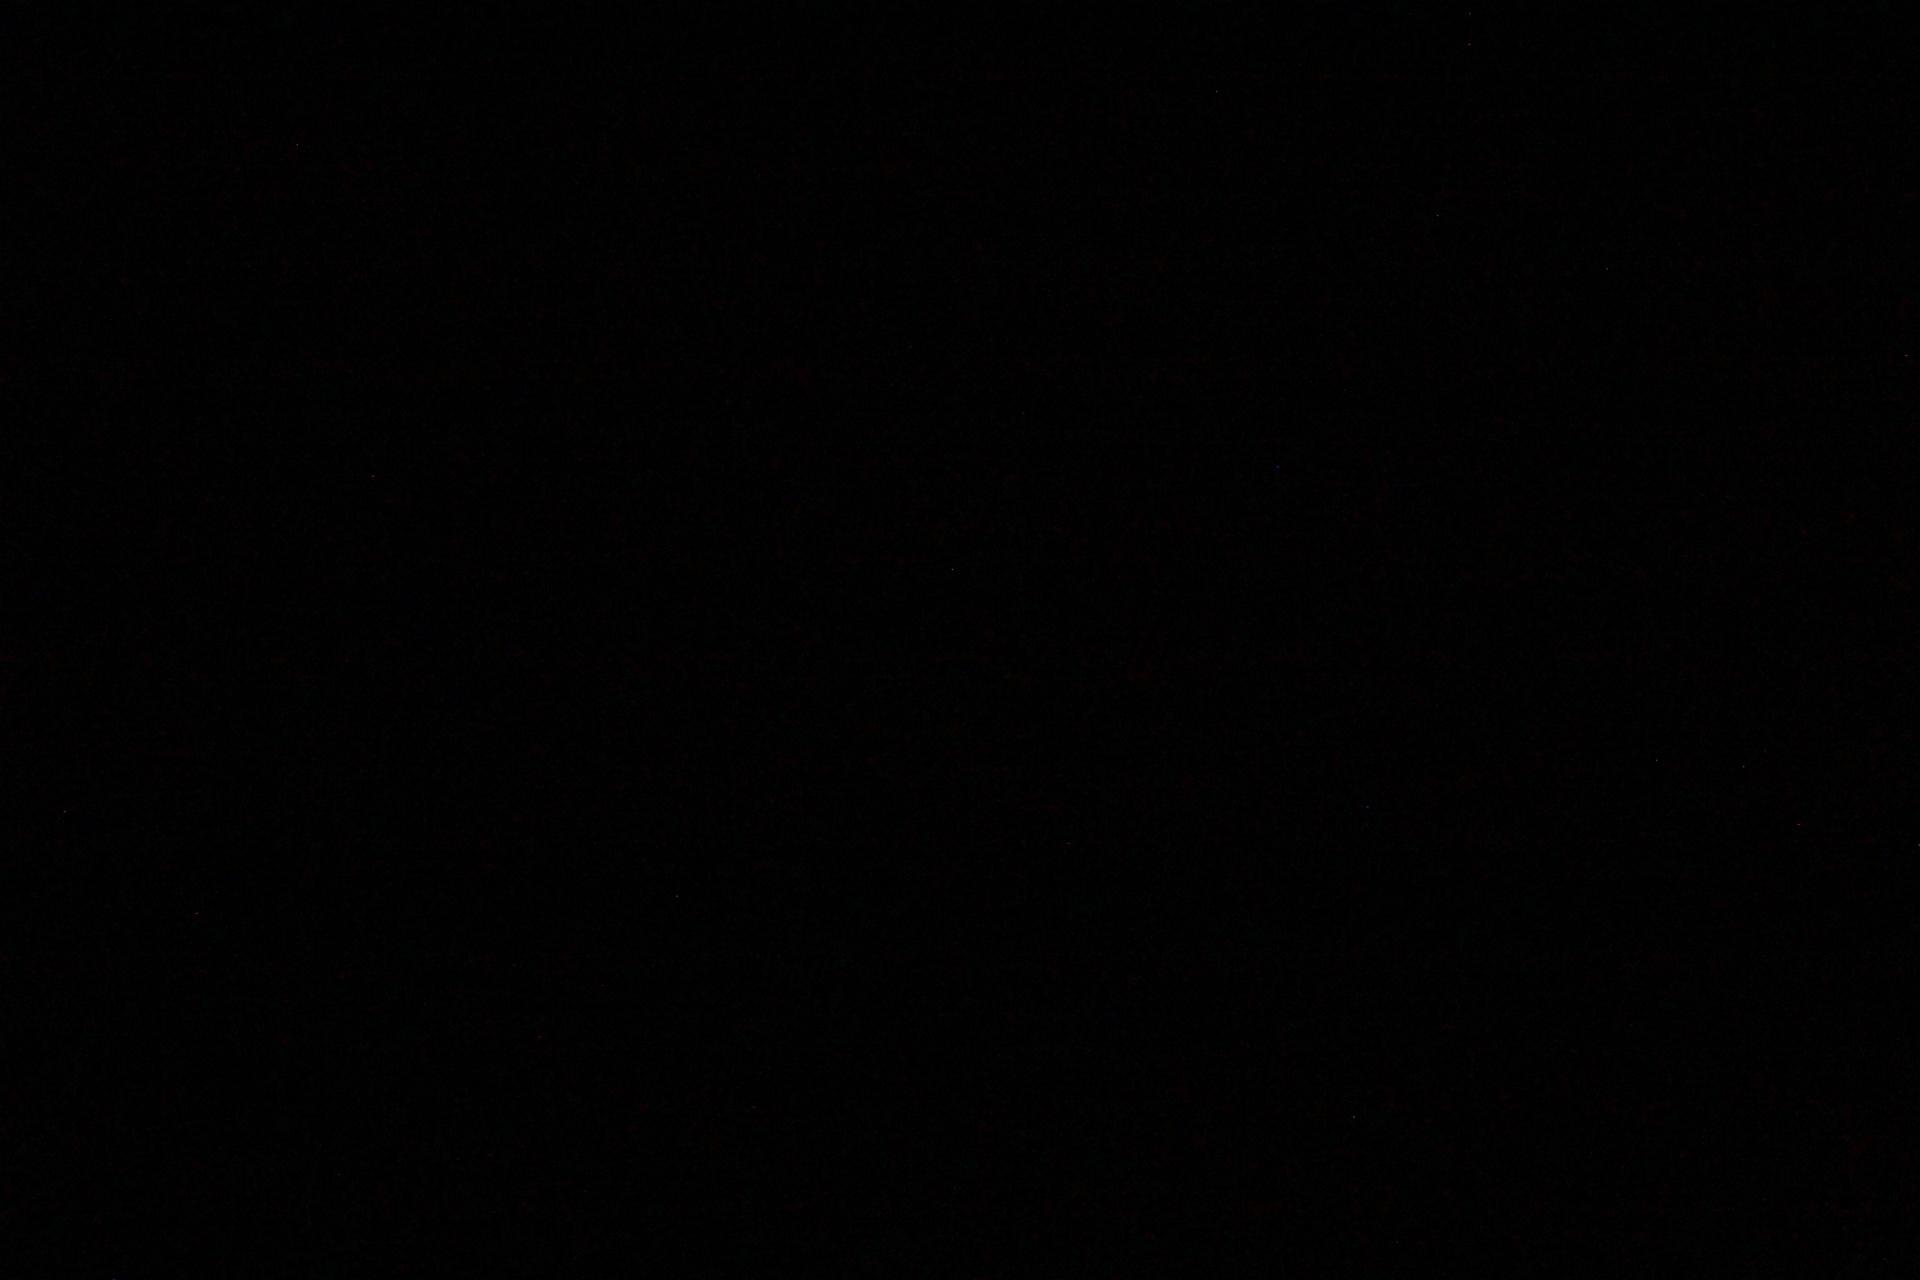 Как на картинке сделать черный фон на 437